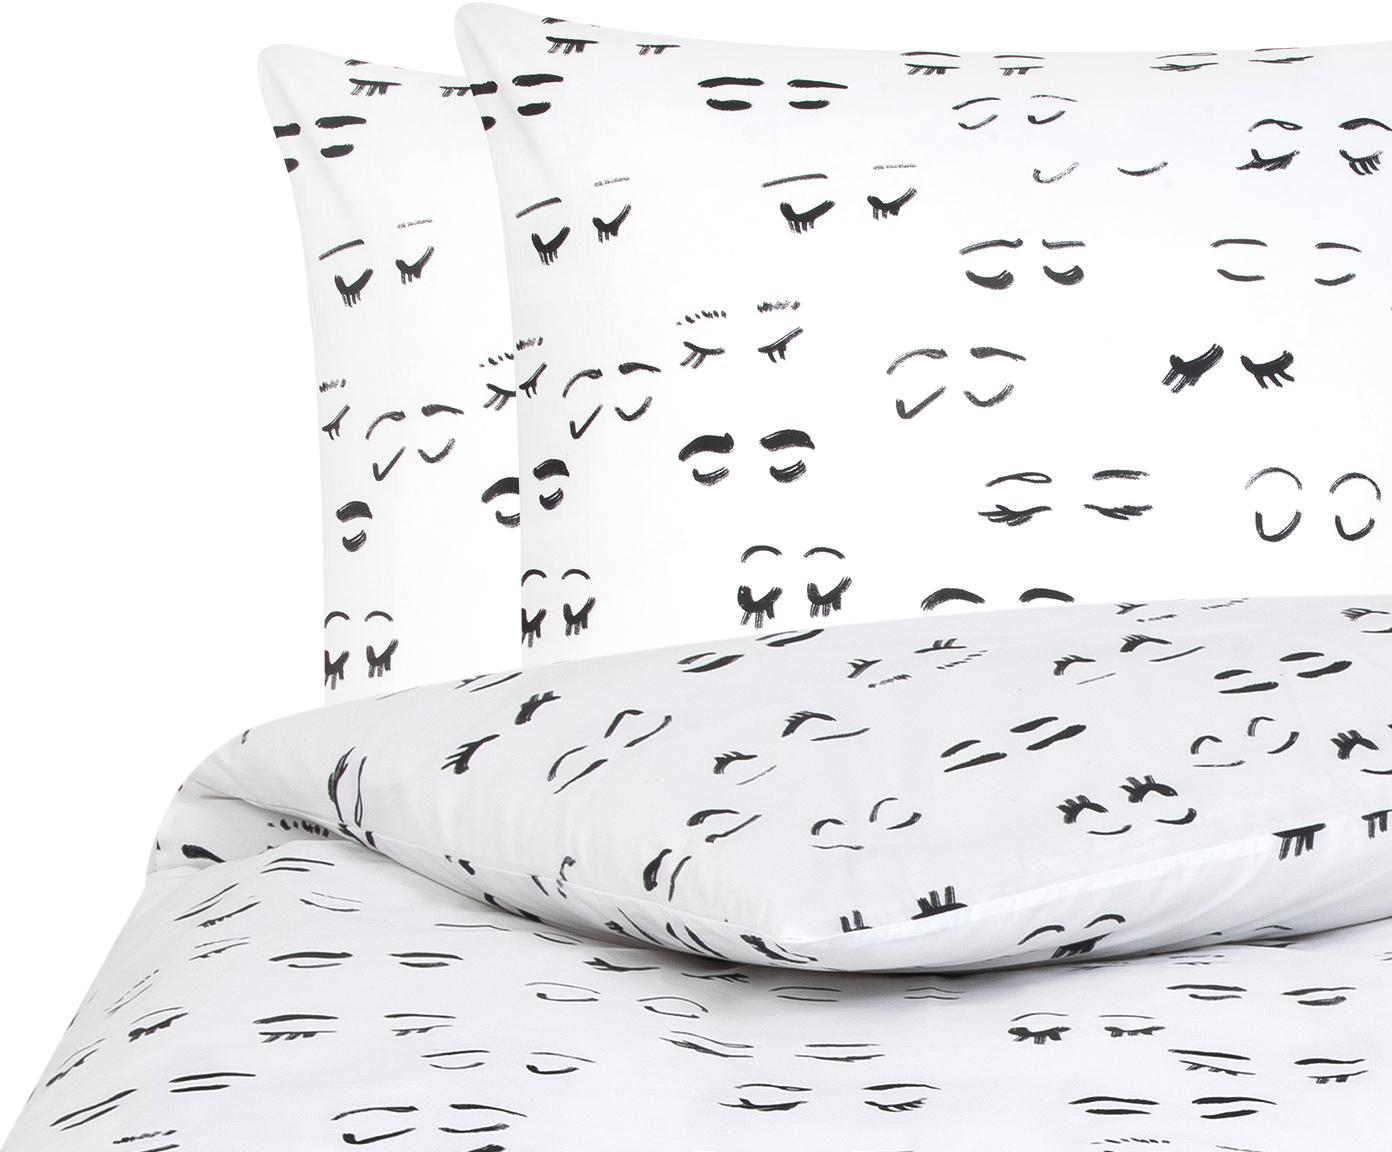 Designer Baumwollperkal-Bettwäsche Lashes von Kera Till, Webart: Perkal, Weiß, Schwarz, 240 x 220 cm + 2 Kissen 80 x 80 cm